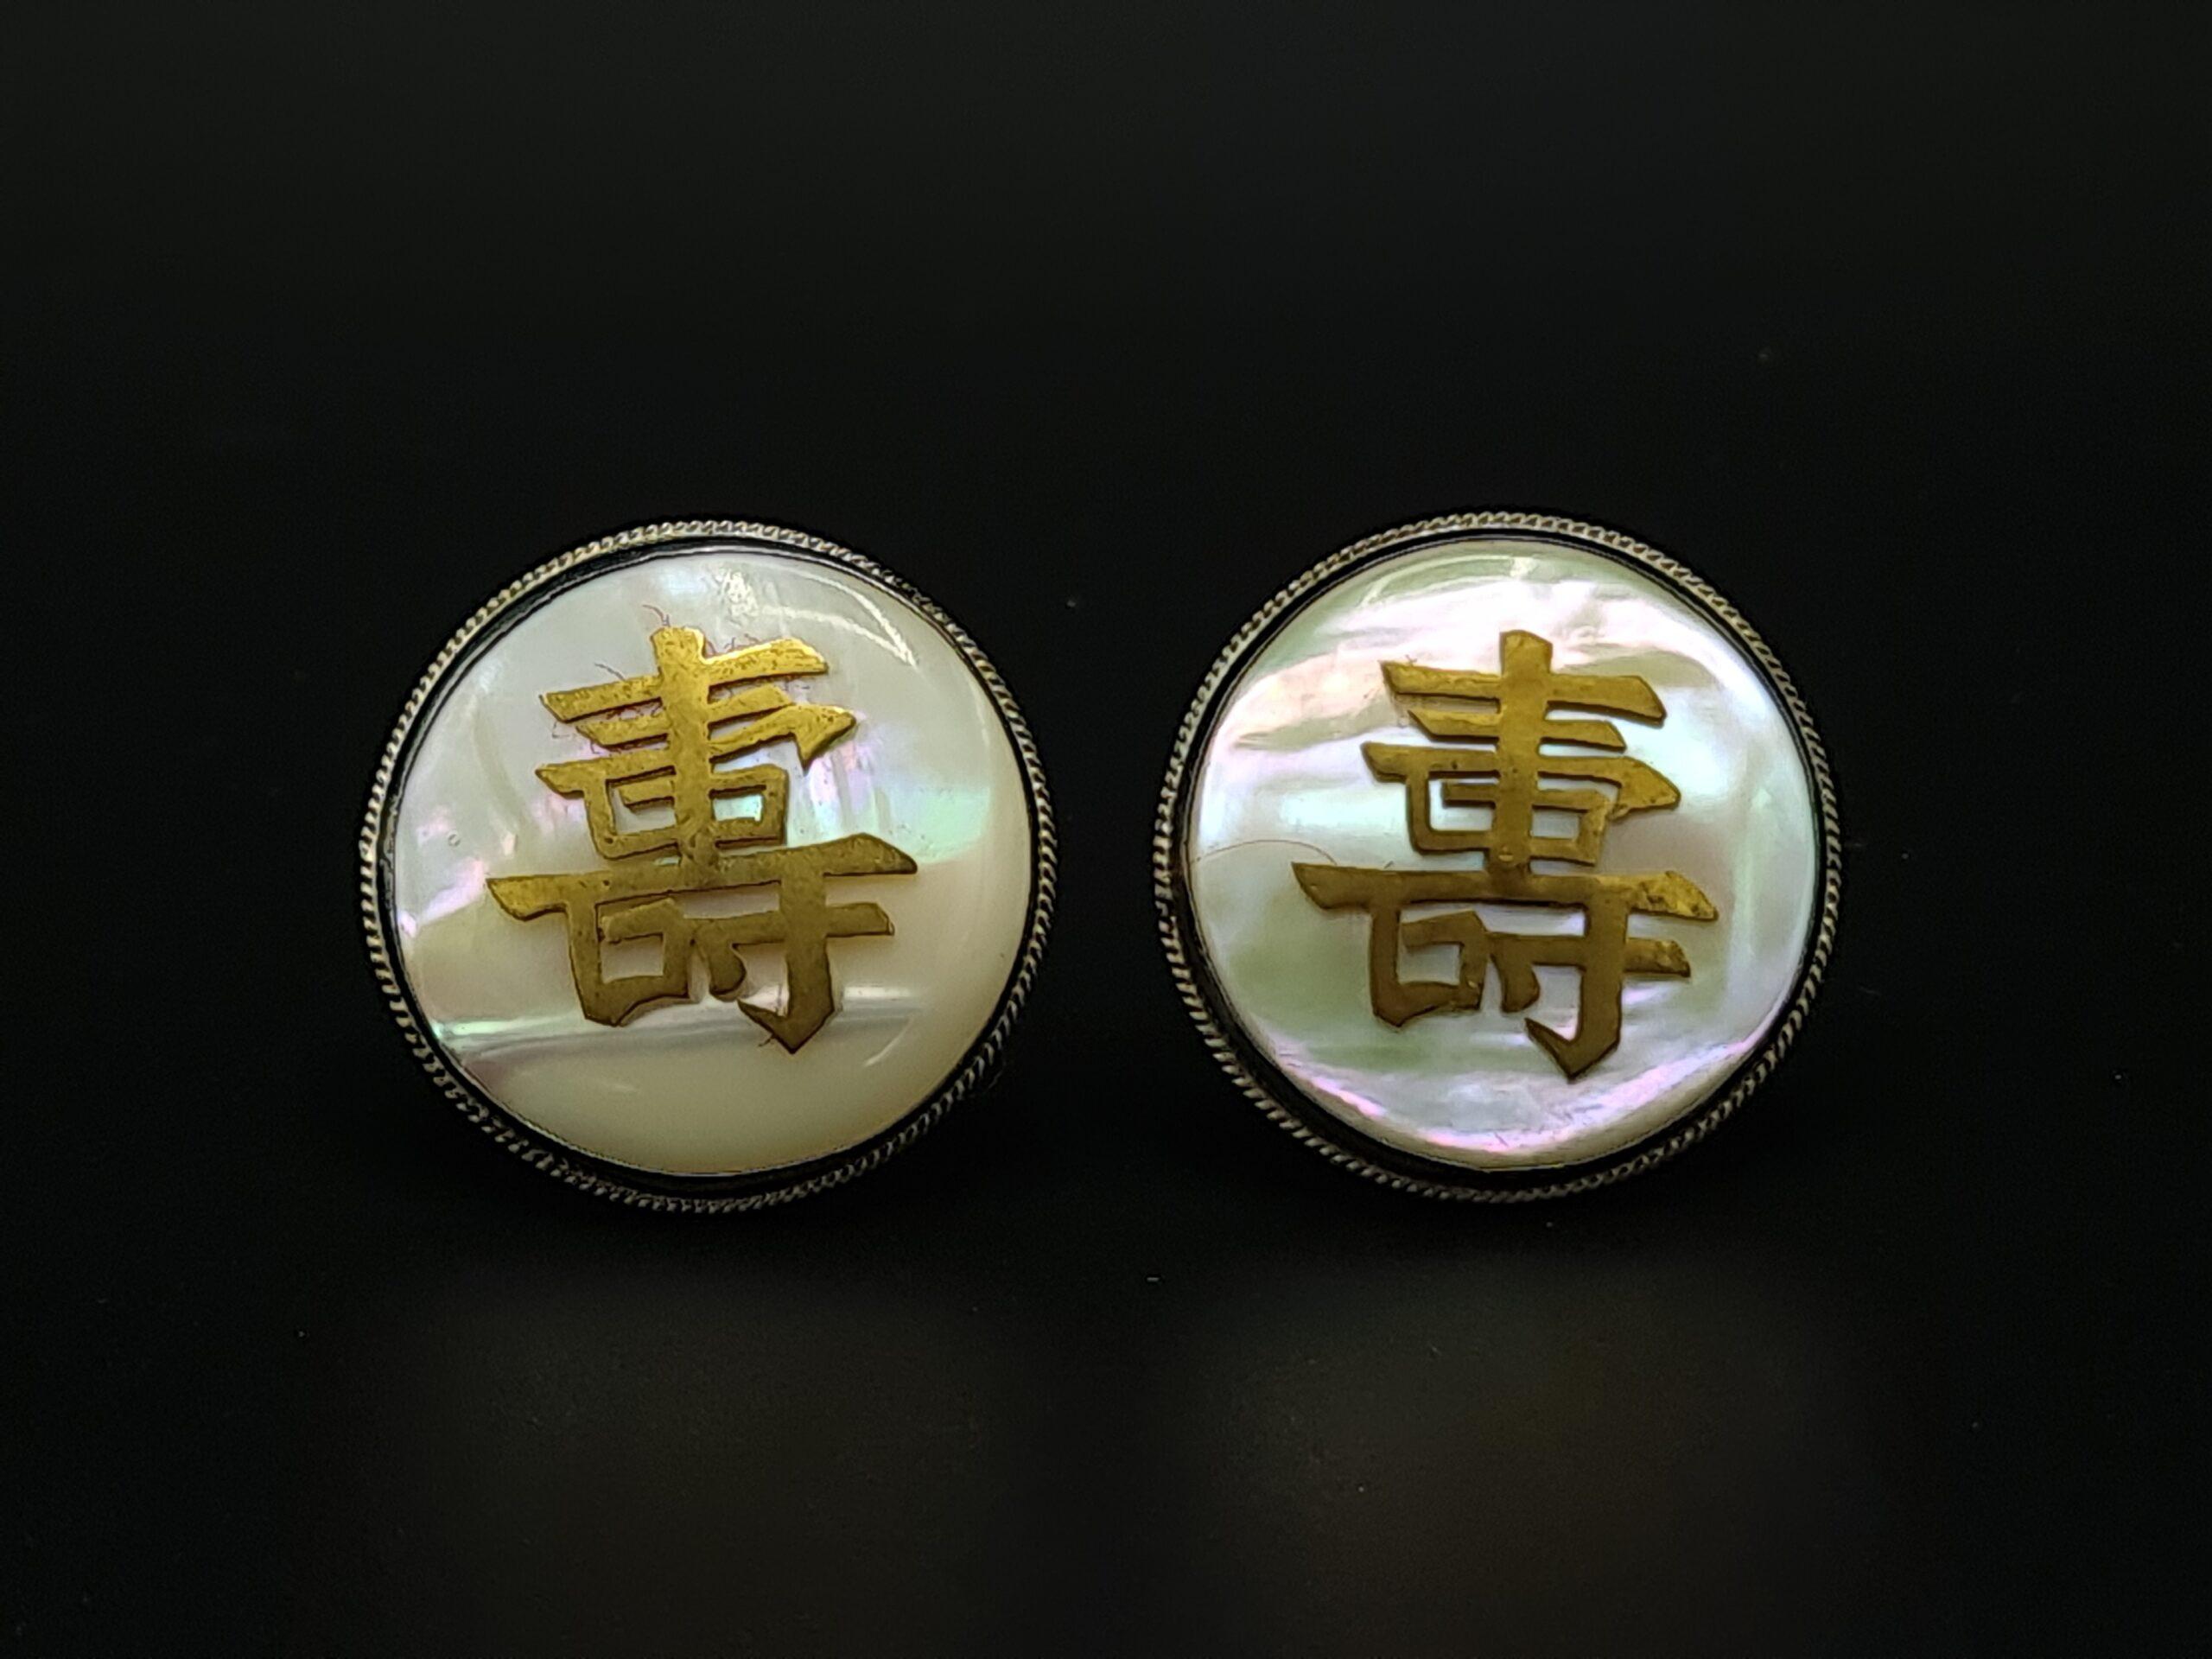 shou壽 cufflinks shou壽 hong kong cufflinks sterling silver made in hongkong cufflinks mother of pearl brass shou壽 parelmoer china chinese cufflinks skoander.com